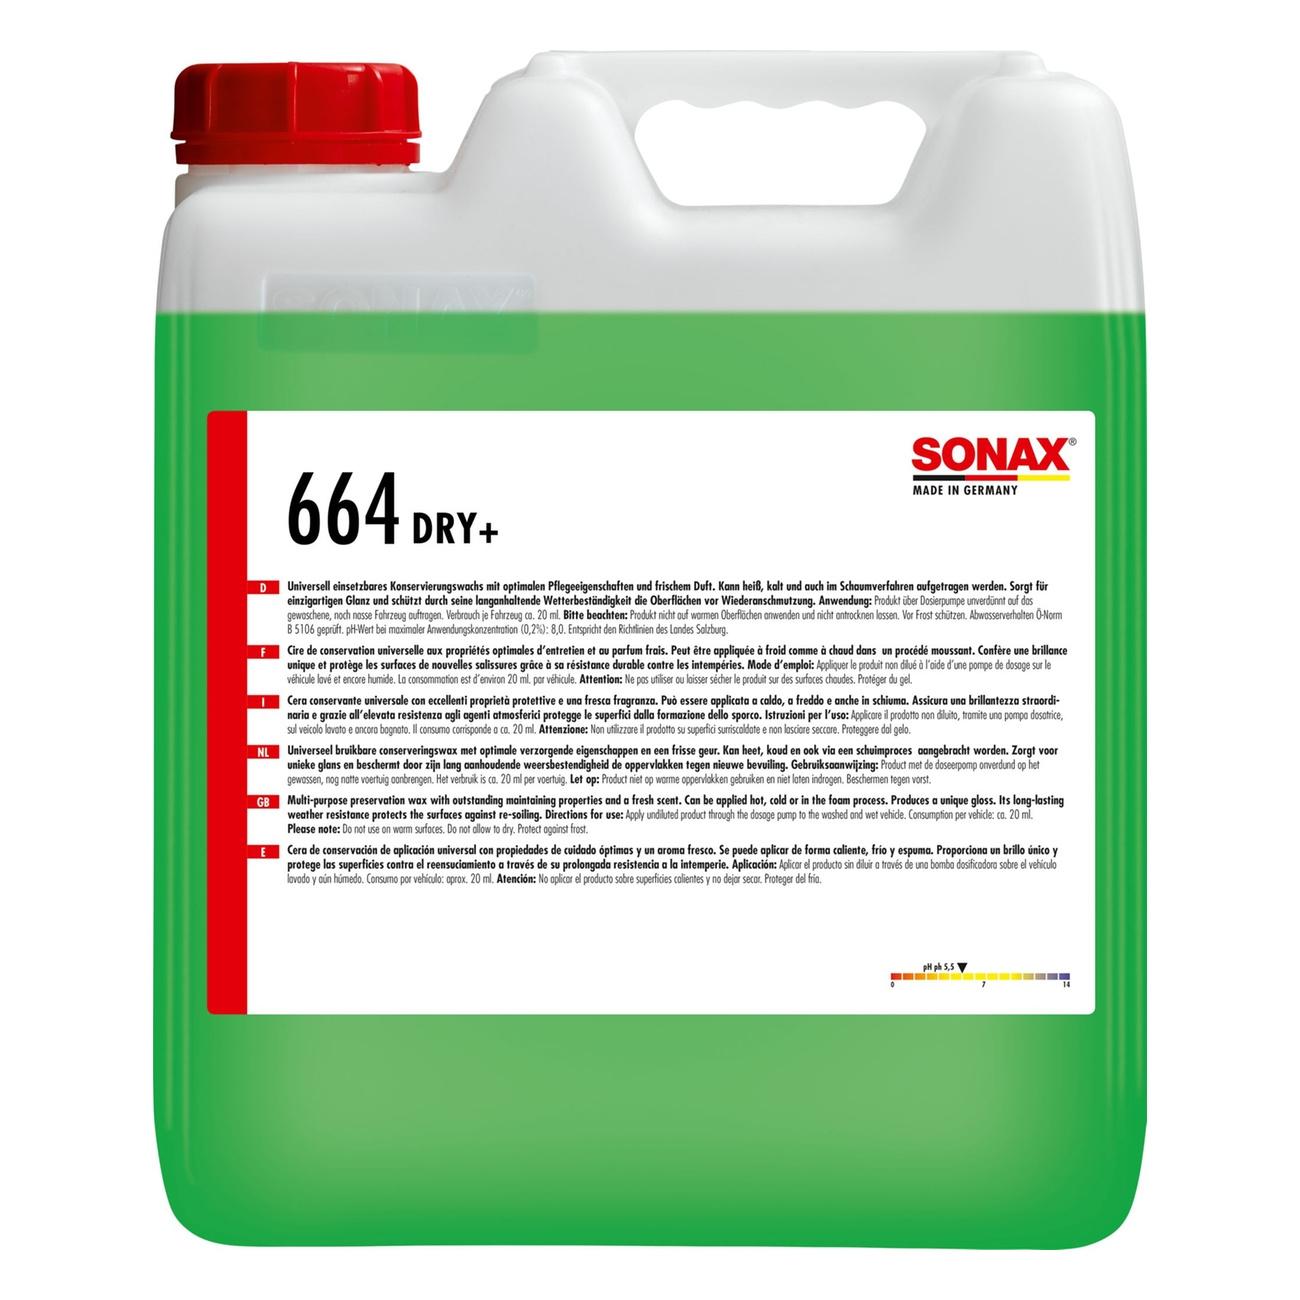 Sonax PROFILINE Sonax Dry+  GlanzTrockner 10l